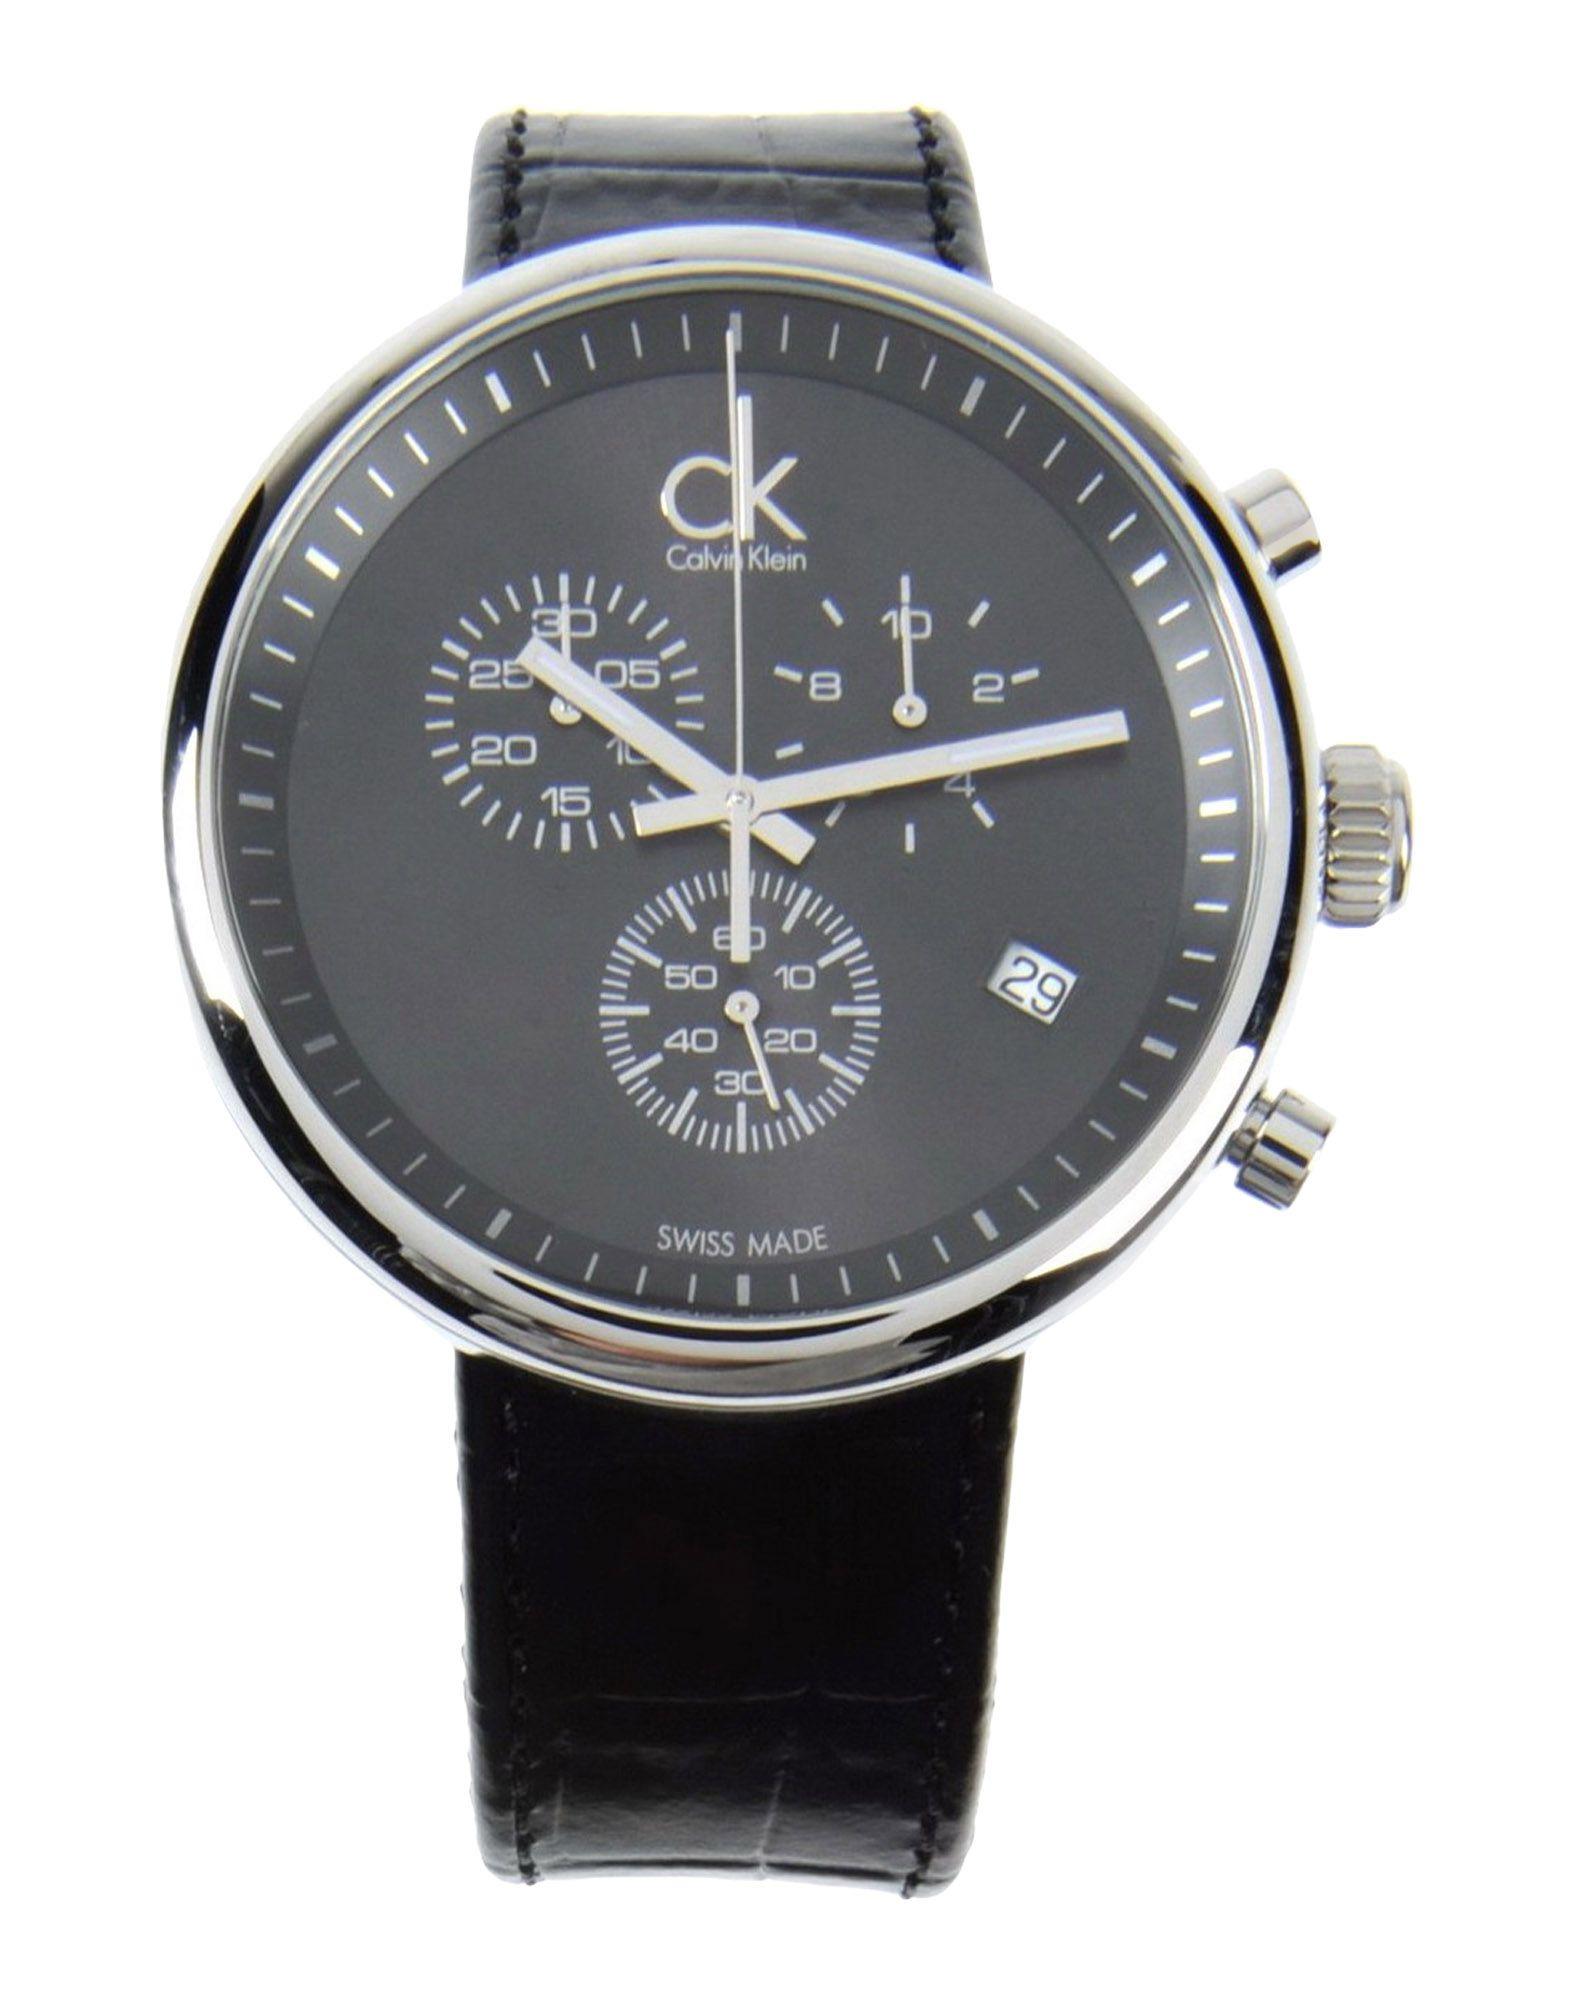 CALVIN KLEIN WATCHES Wrist watches